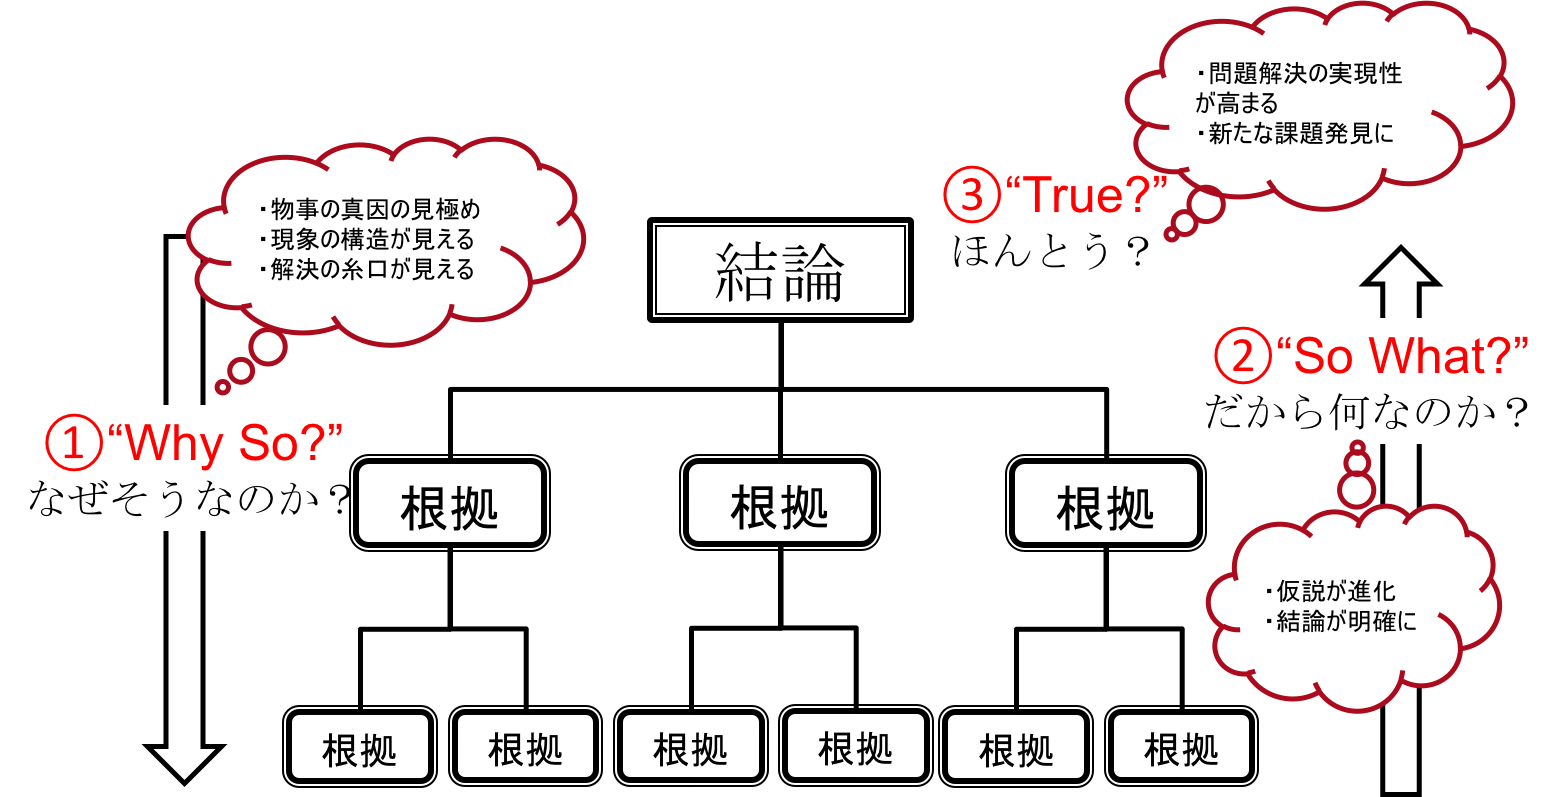 """「ロジックツリー」の画像検索結果"""""""